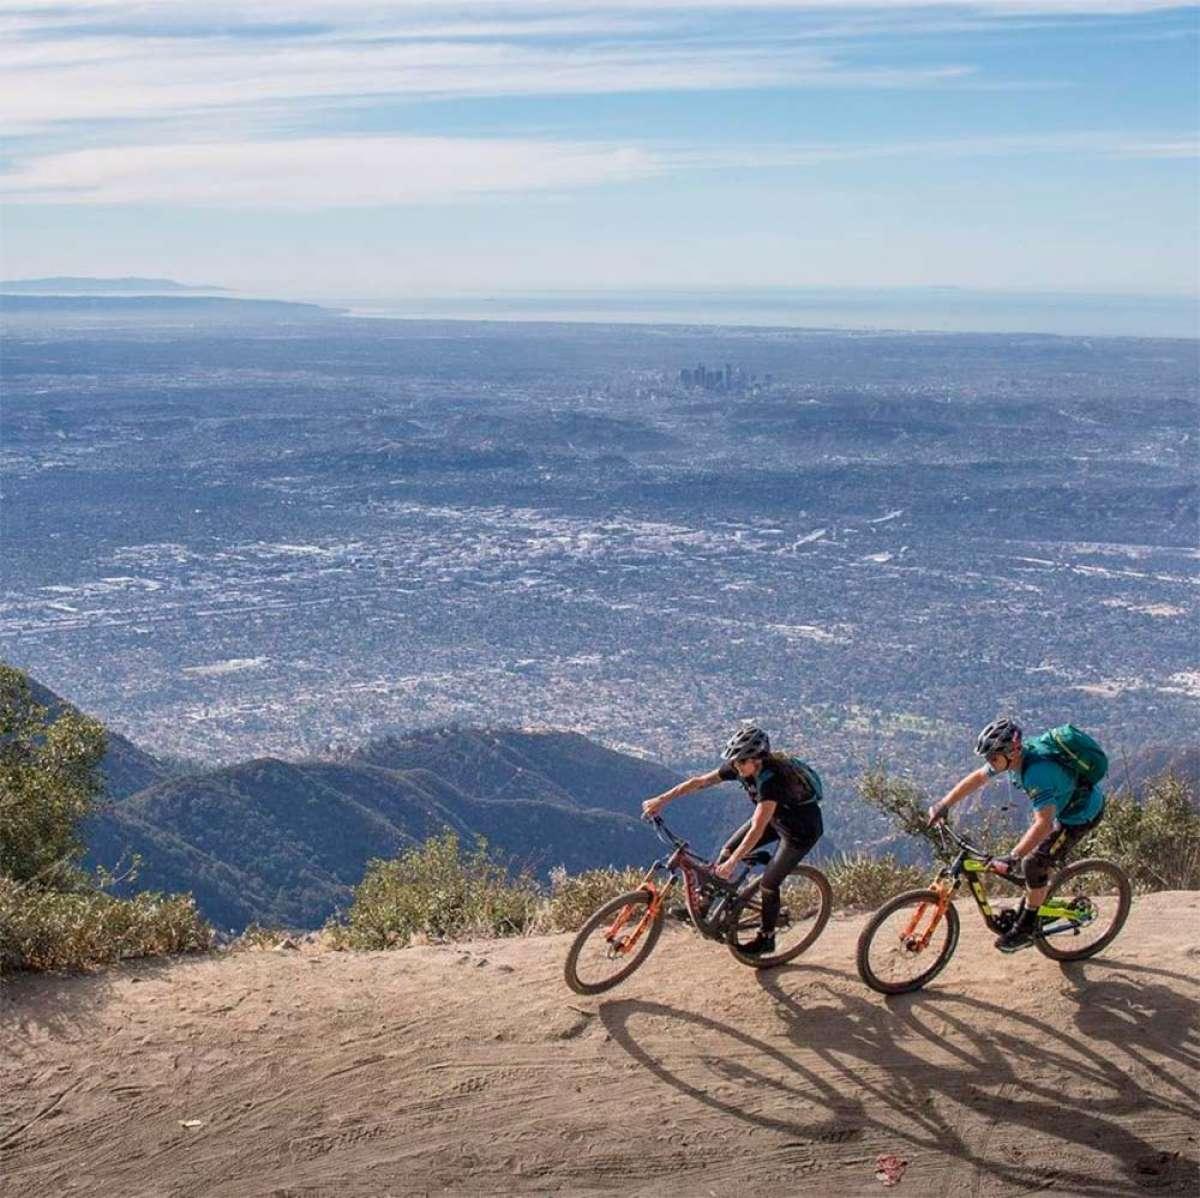 Descubriendo los senderos que rodean Los Ángeles con Hans Rey, Missy Giove y Tim Commerford (Día 1)